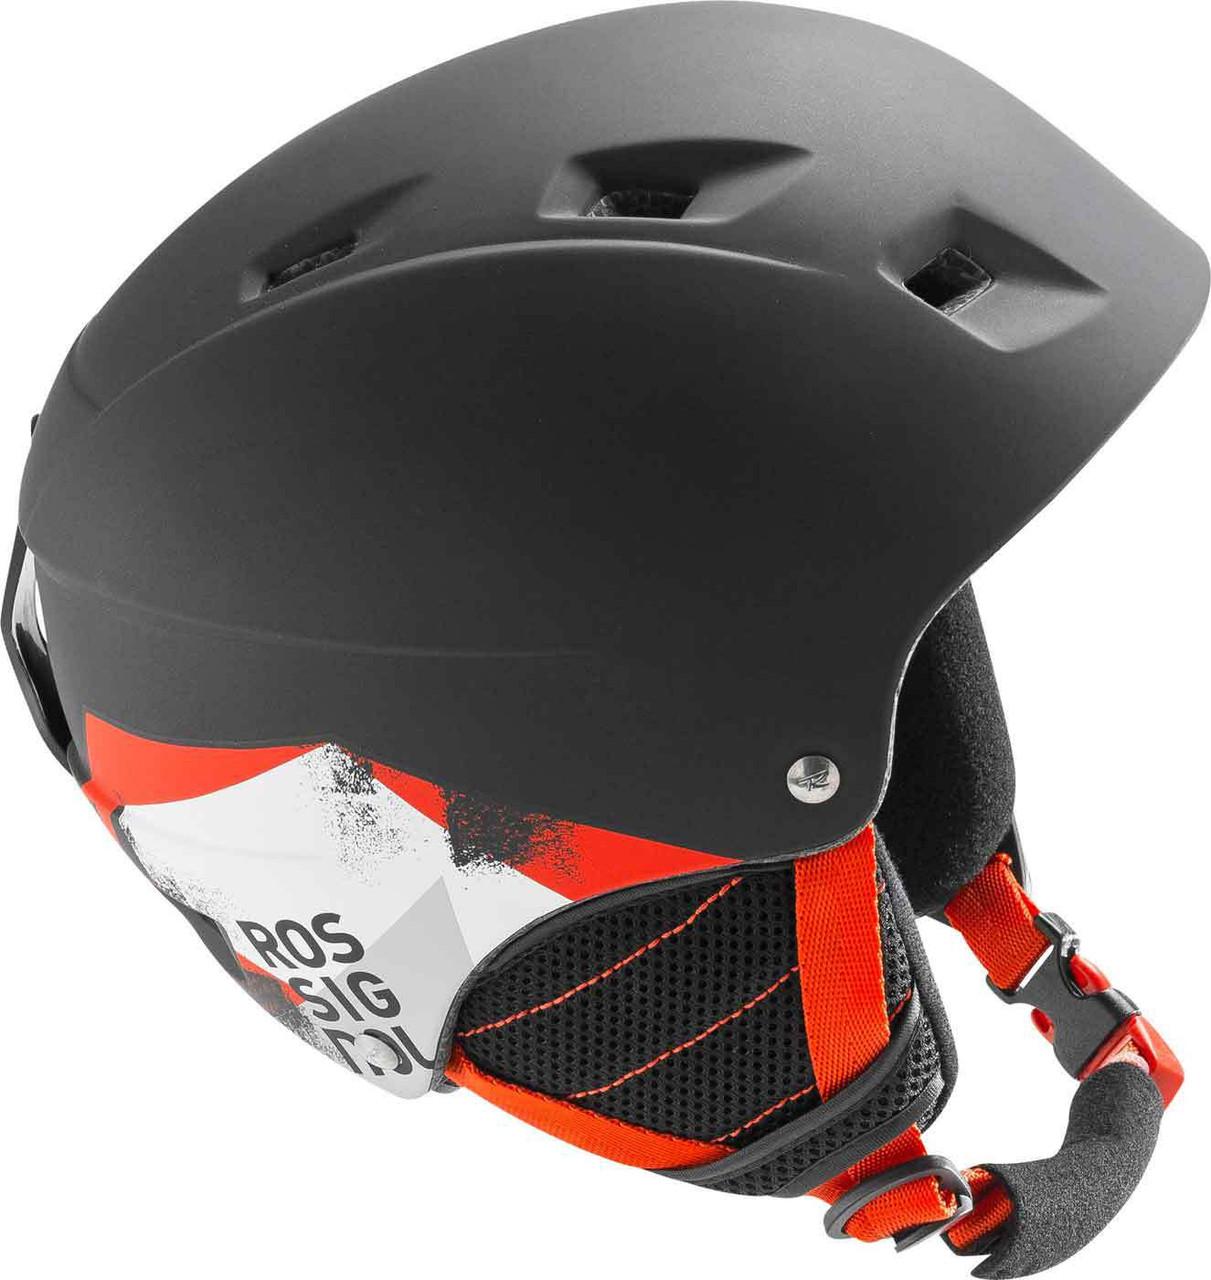 Горнолыжный шлем подростковый Rossignol Comp J BLACK-LED (MD)